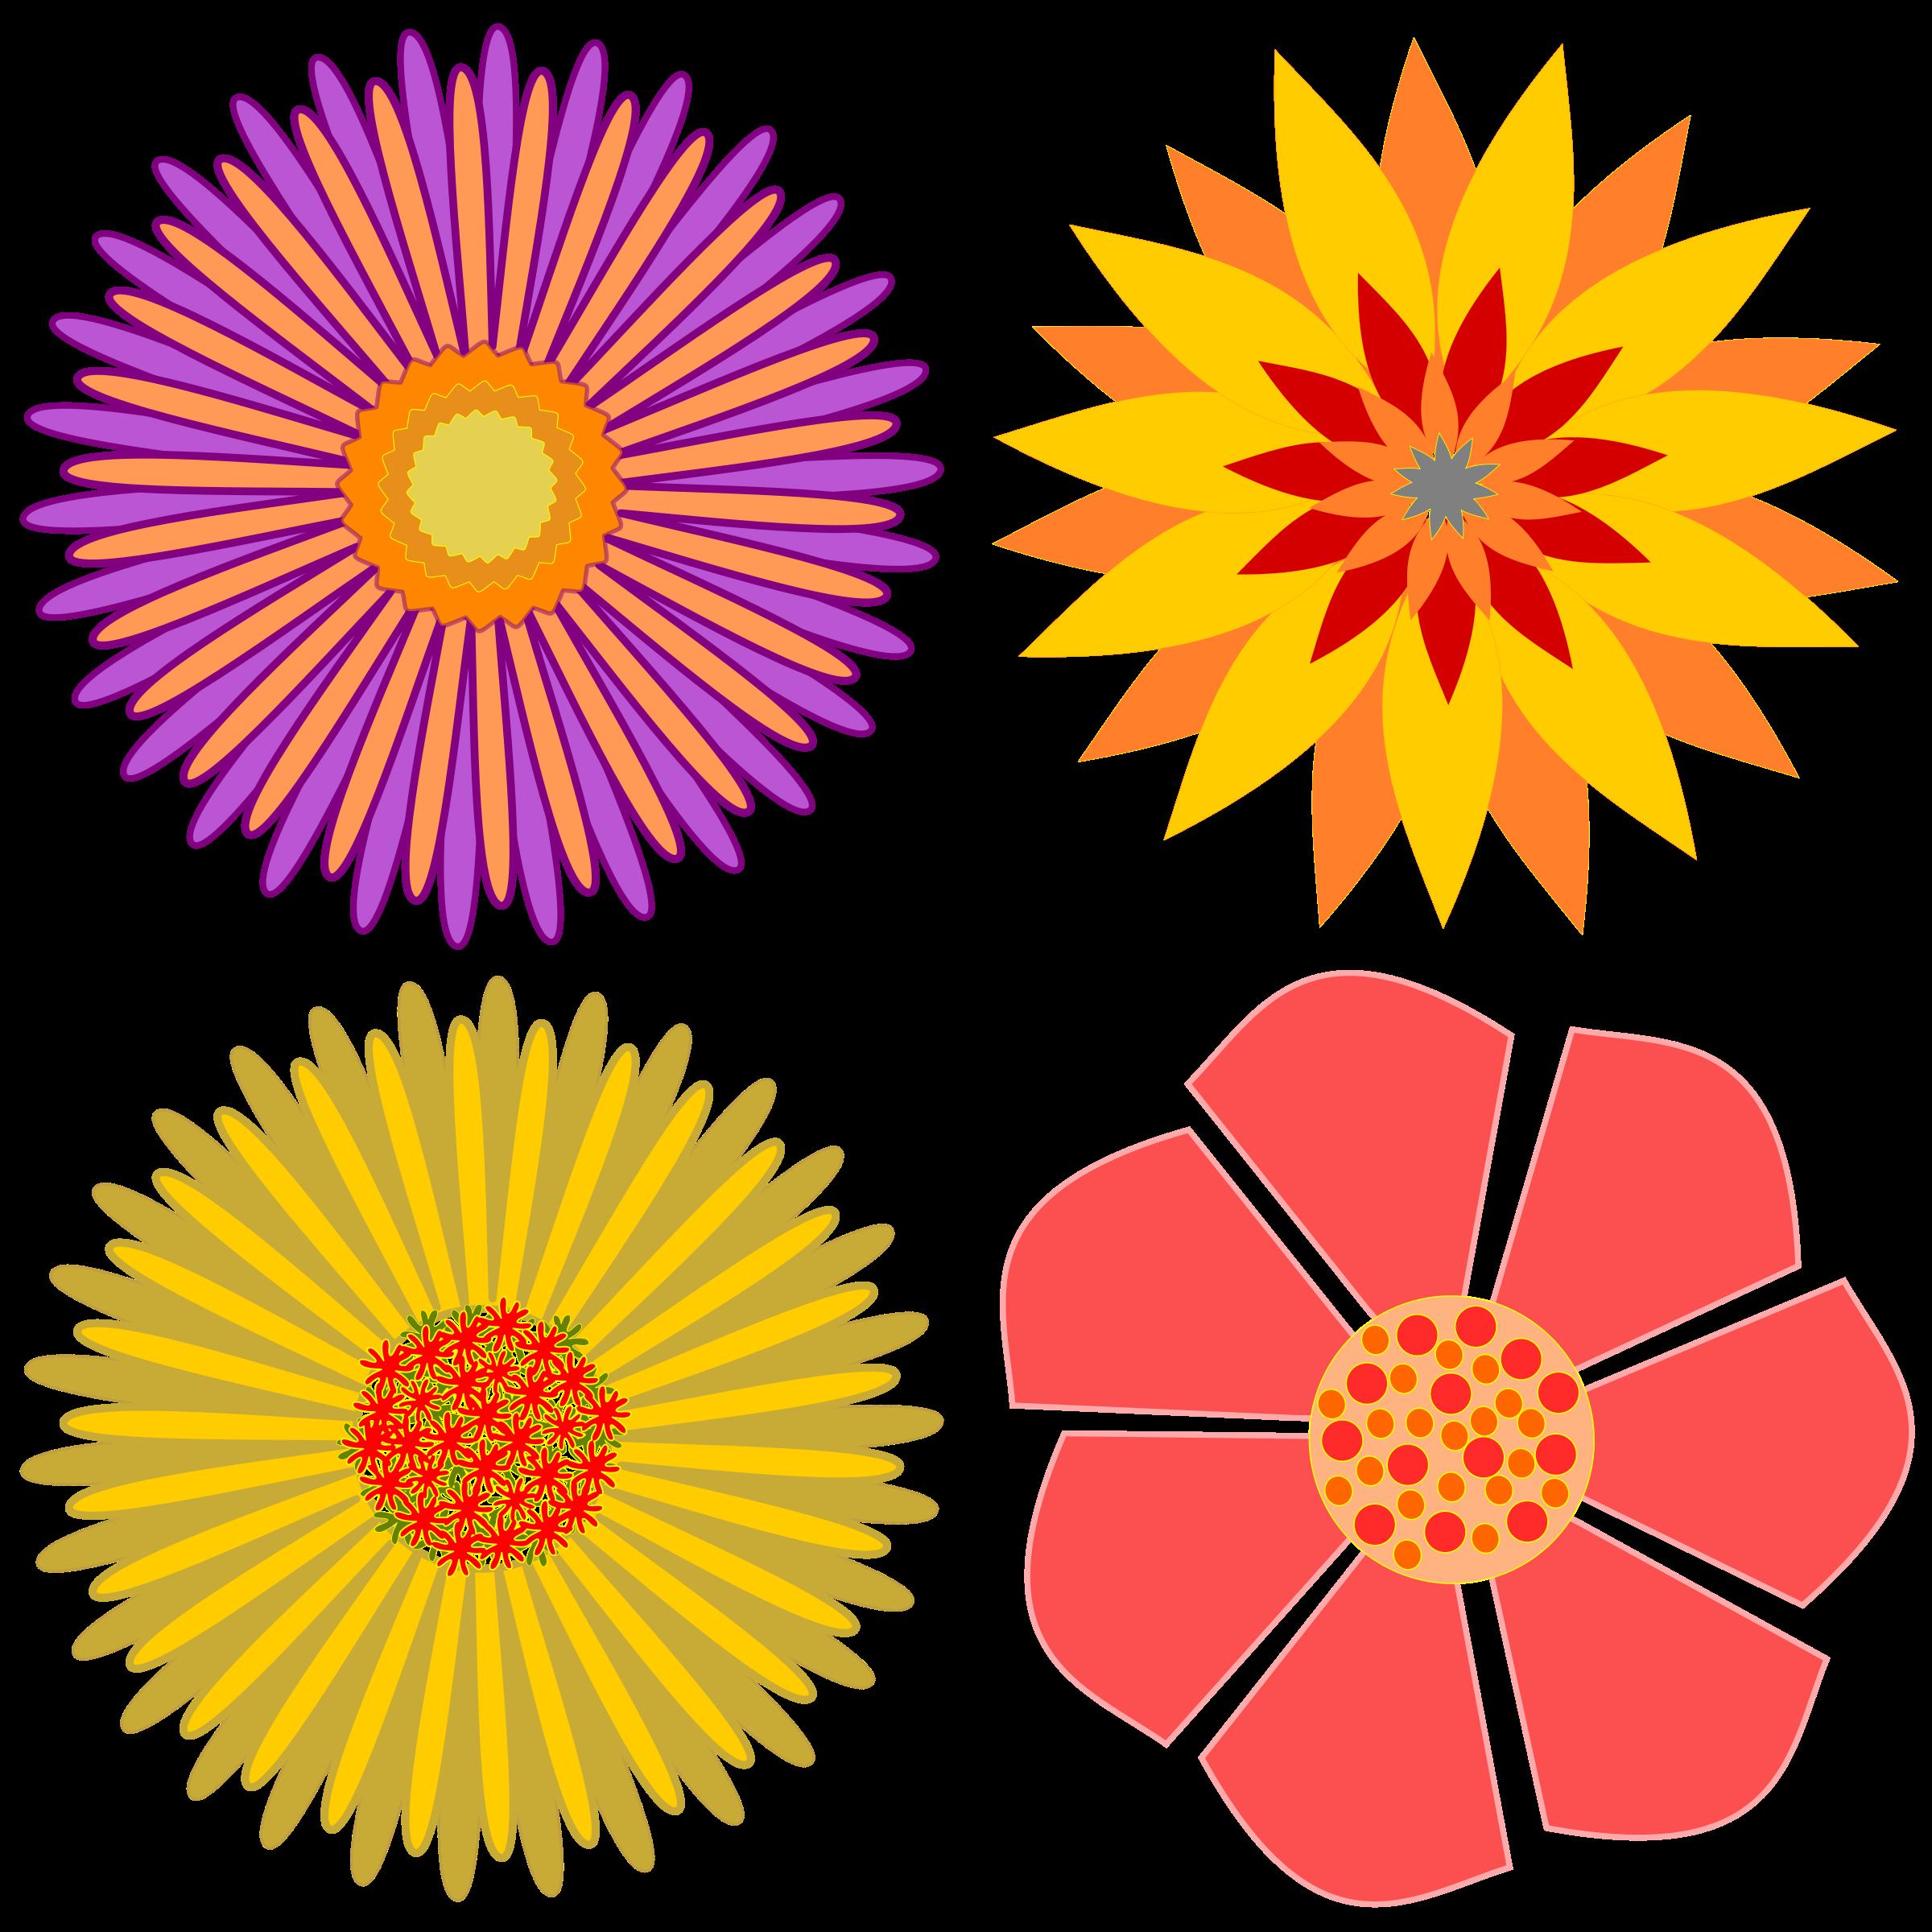 Flowers pinterest. Flower clipart chalkboard